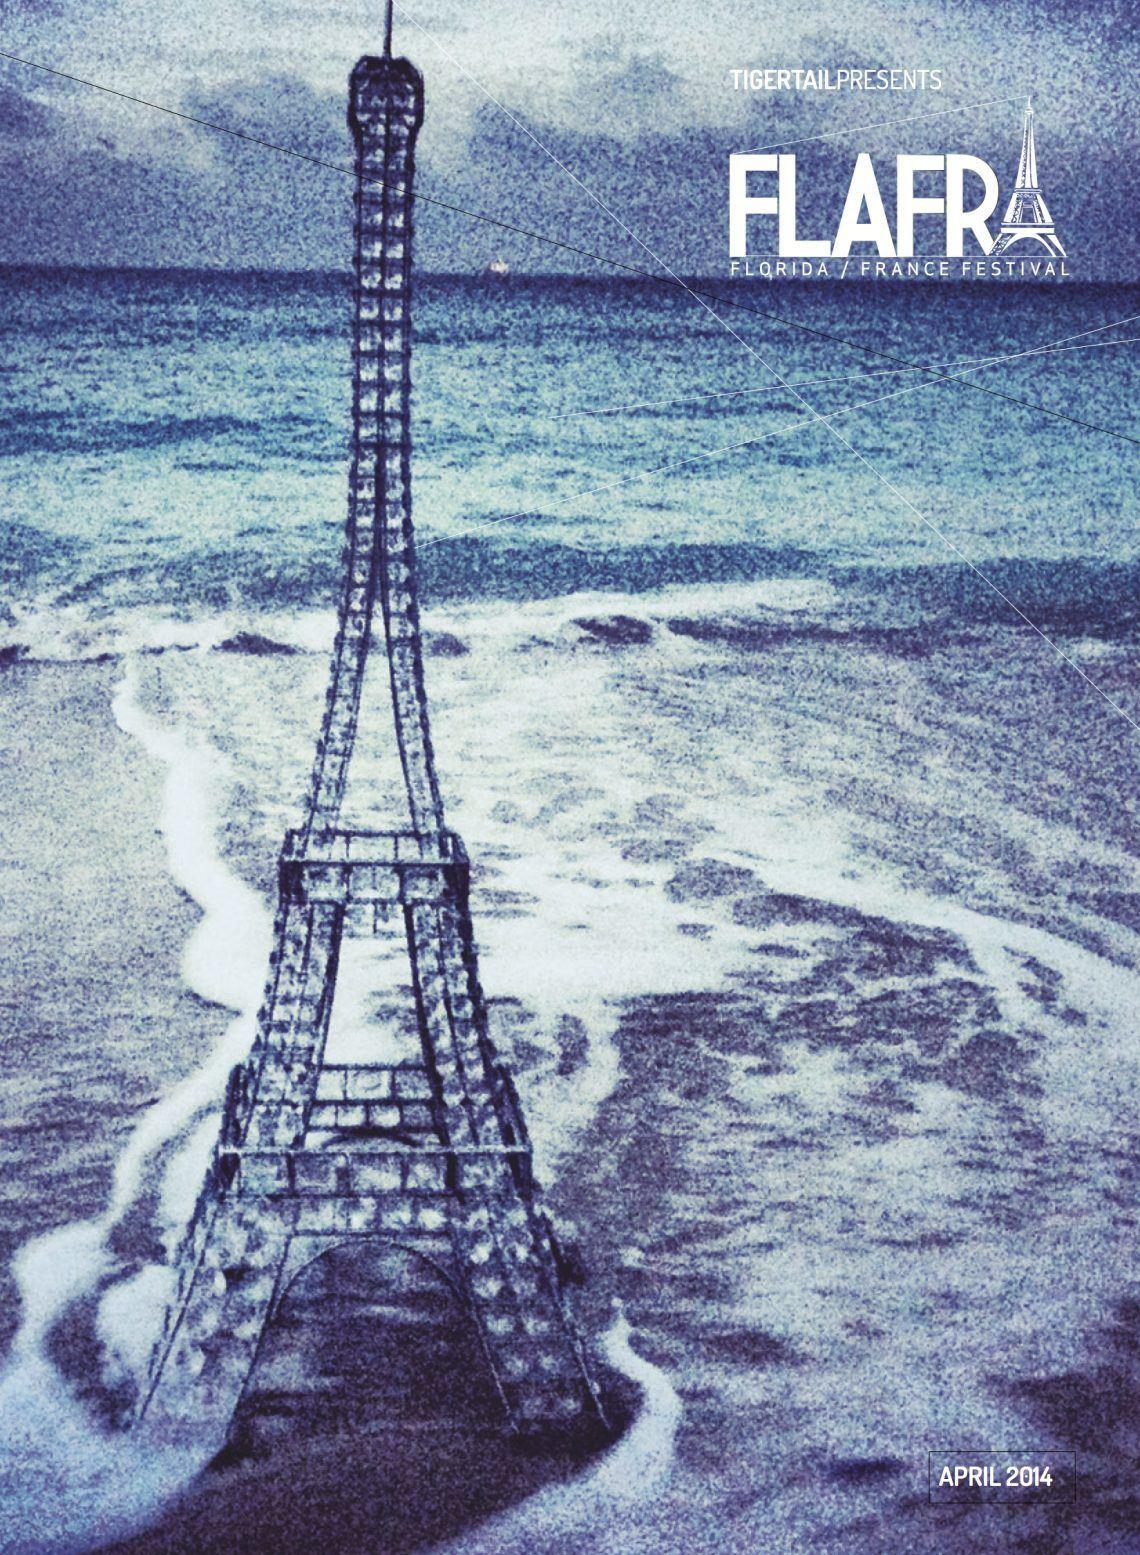 FLORIDA / FRANCE festival FLAFRA durant le mois d'avril à MIAMI   Floride